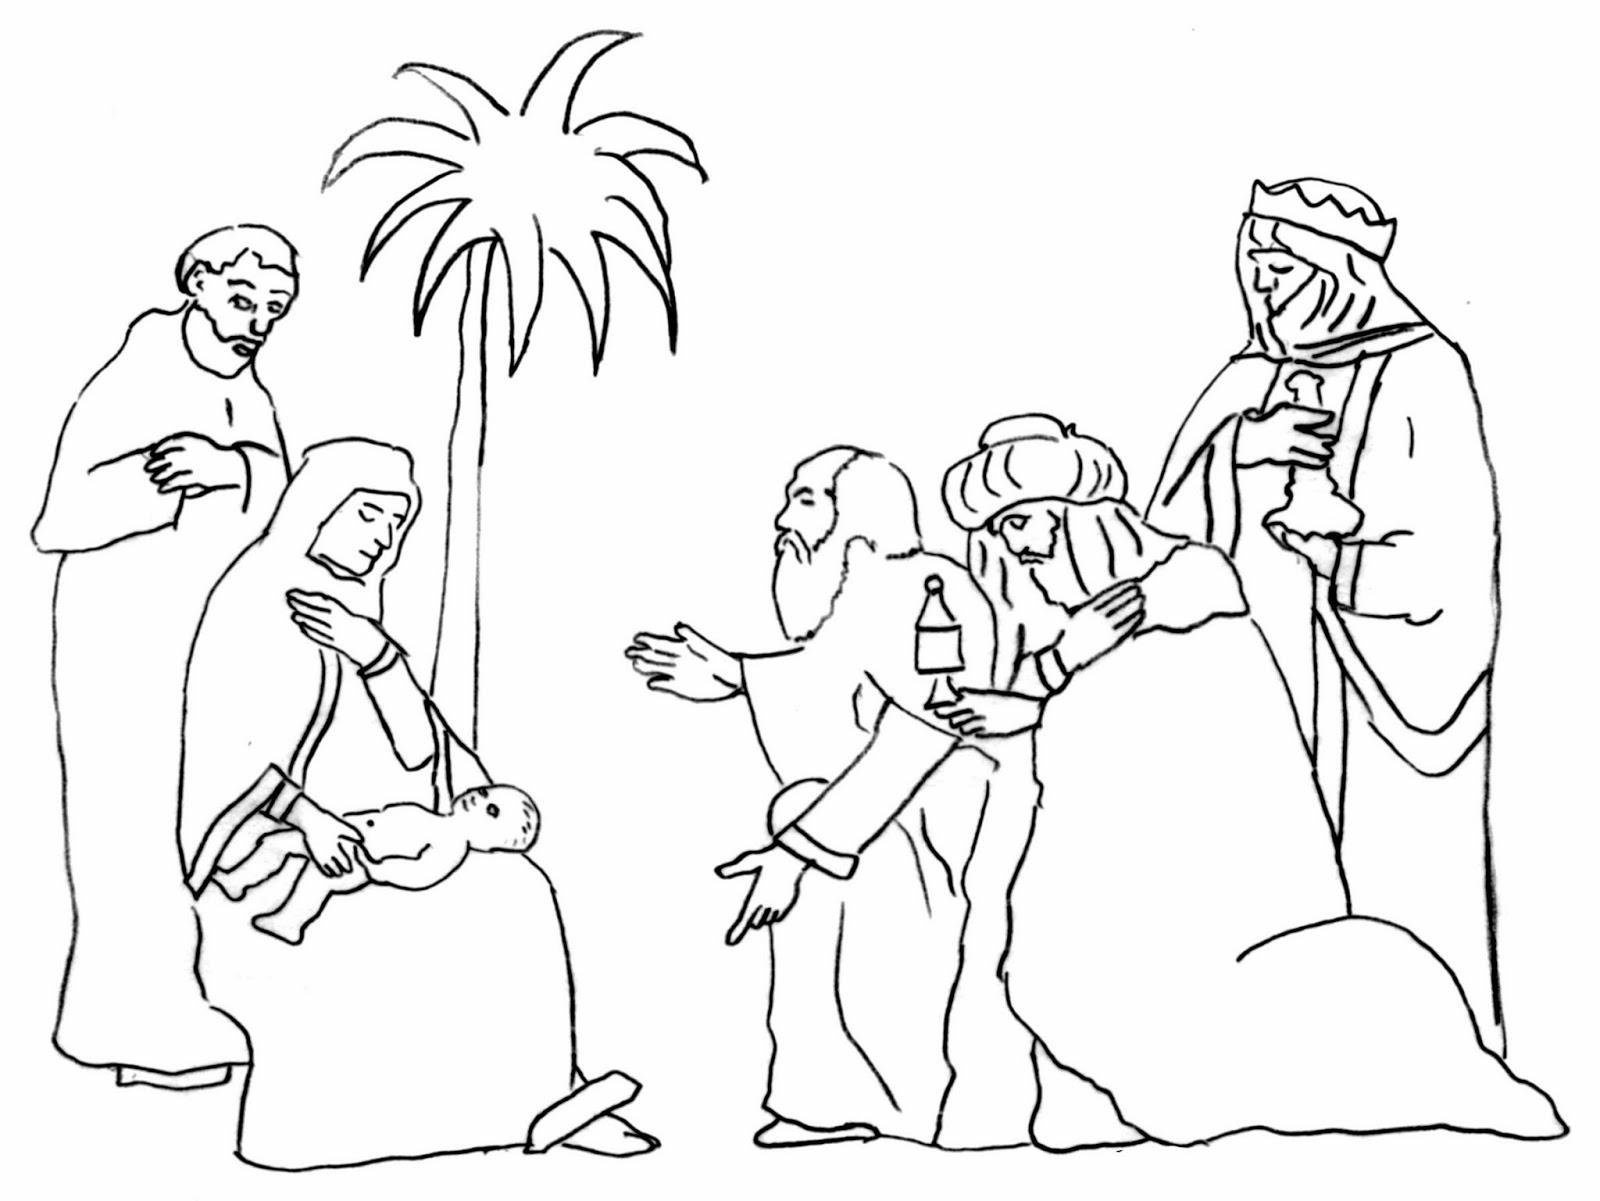 Dibujos De Los 3 Reyes Magos Para Colorear: Imagenes Cristianas Para Colorear: Dibujos Para Colorear